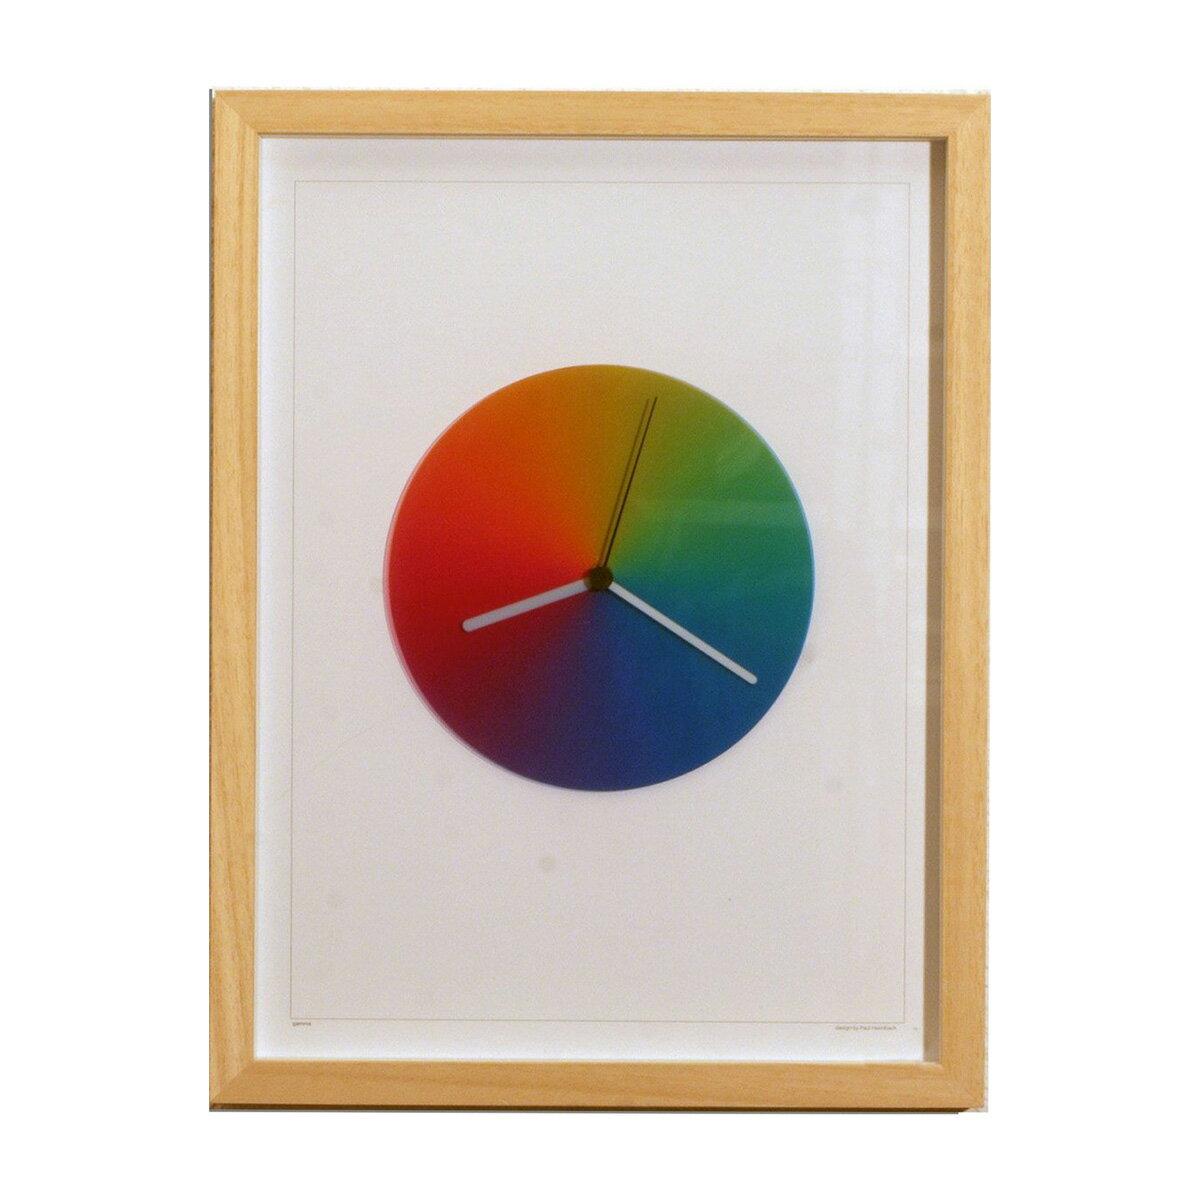 Rainbow Watch レインボーウォッチ クォーツ 腕時計 メンズ ブランド [ART-ga-natur] 並行輸入品 メーカー保証24ヵ月 純正ケース付き